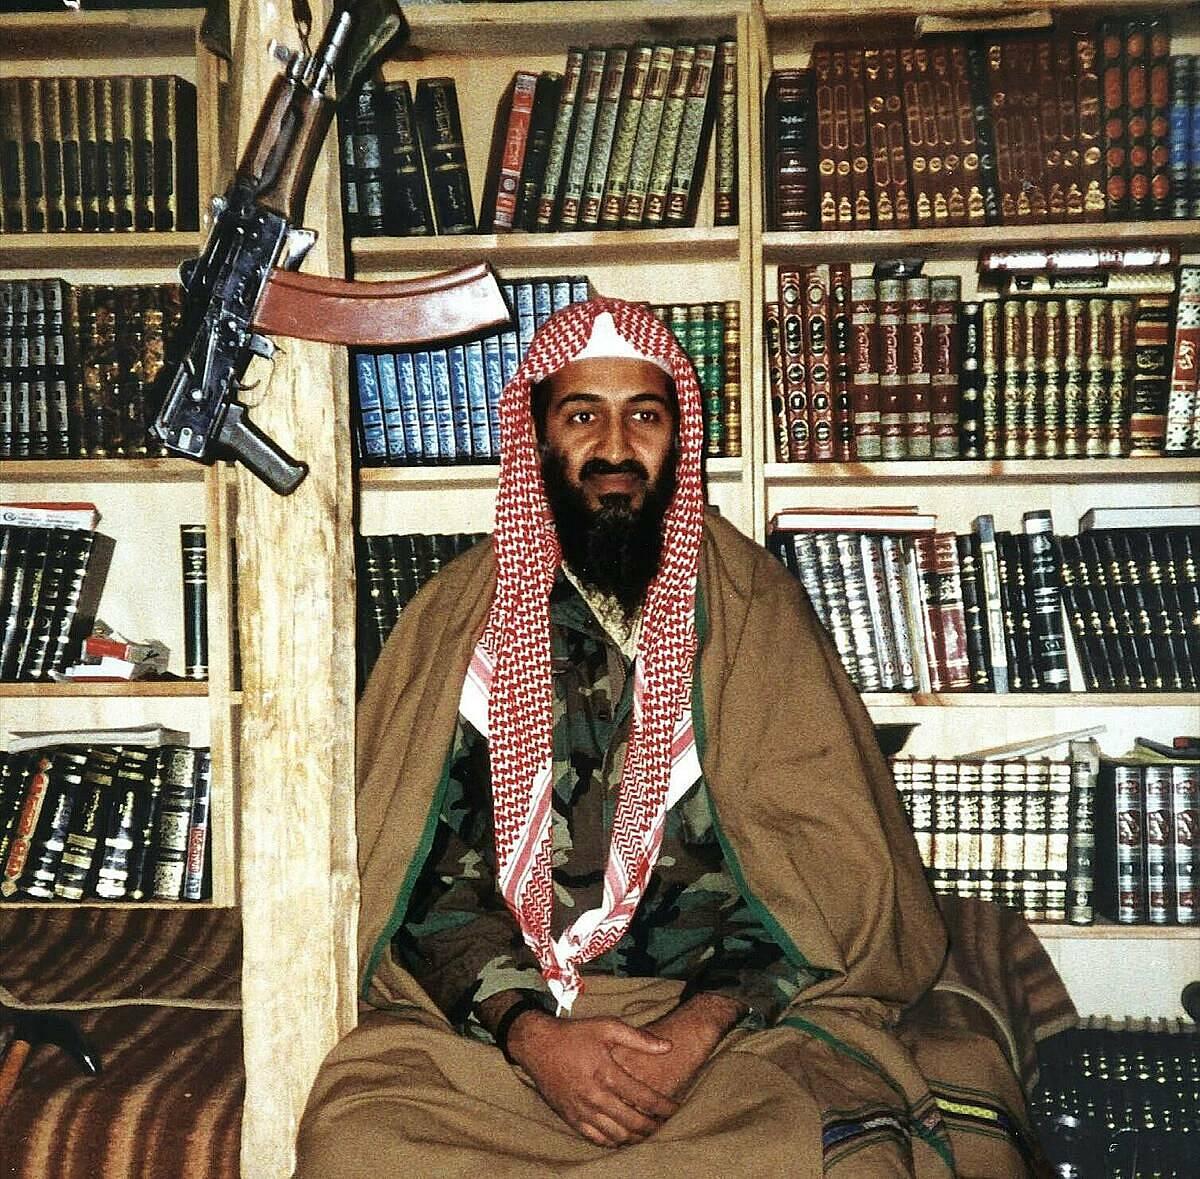 Bin Laden ở Afghanistan, vào khoảng năm 2001. Ảnh: SIPA